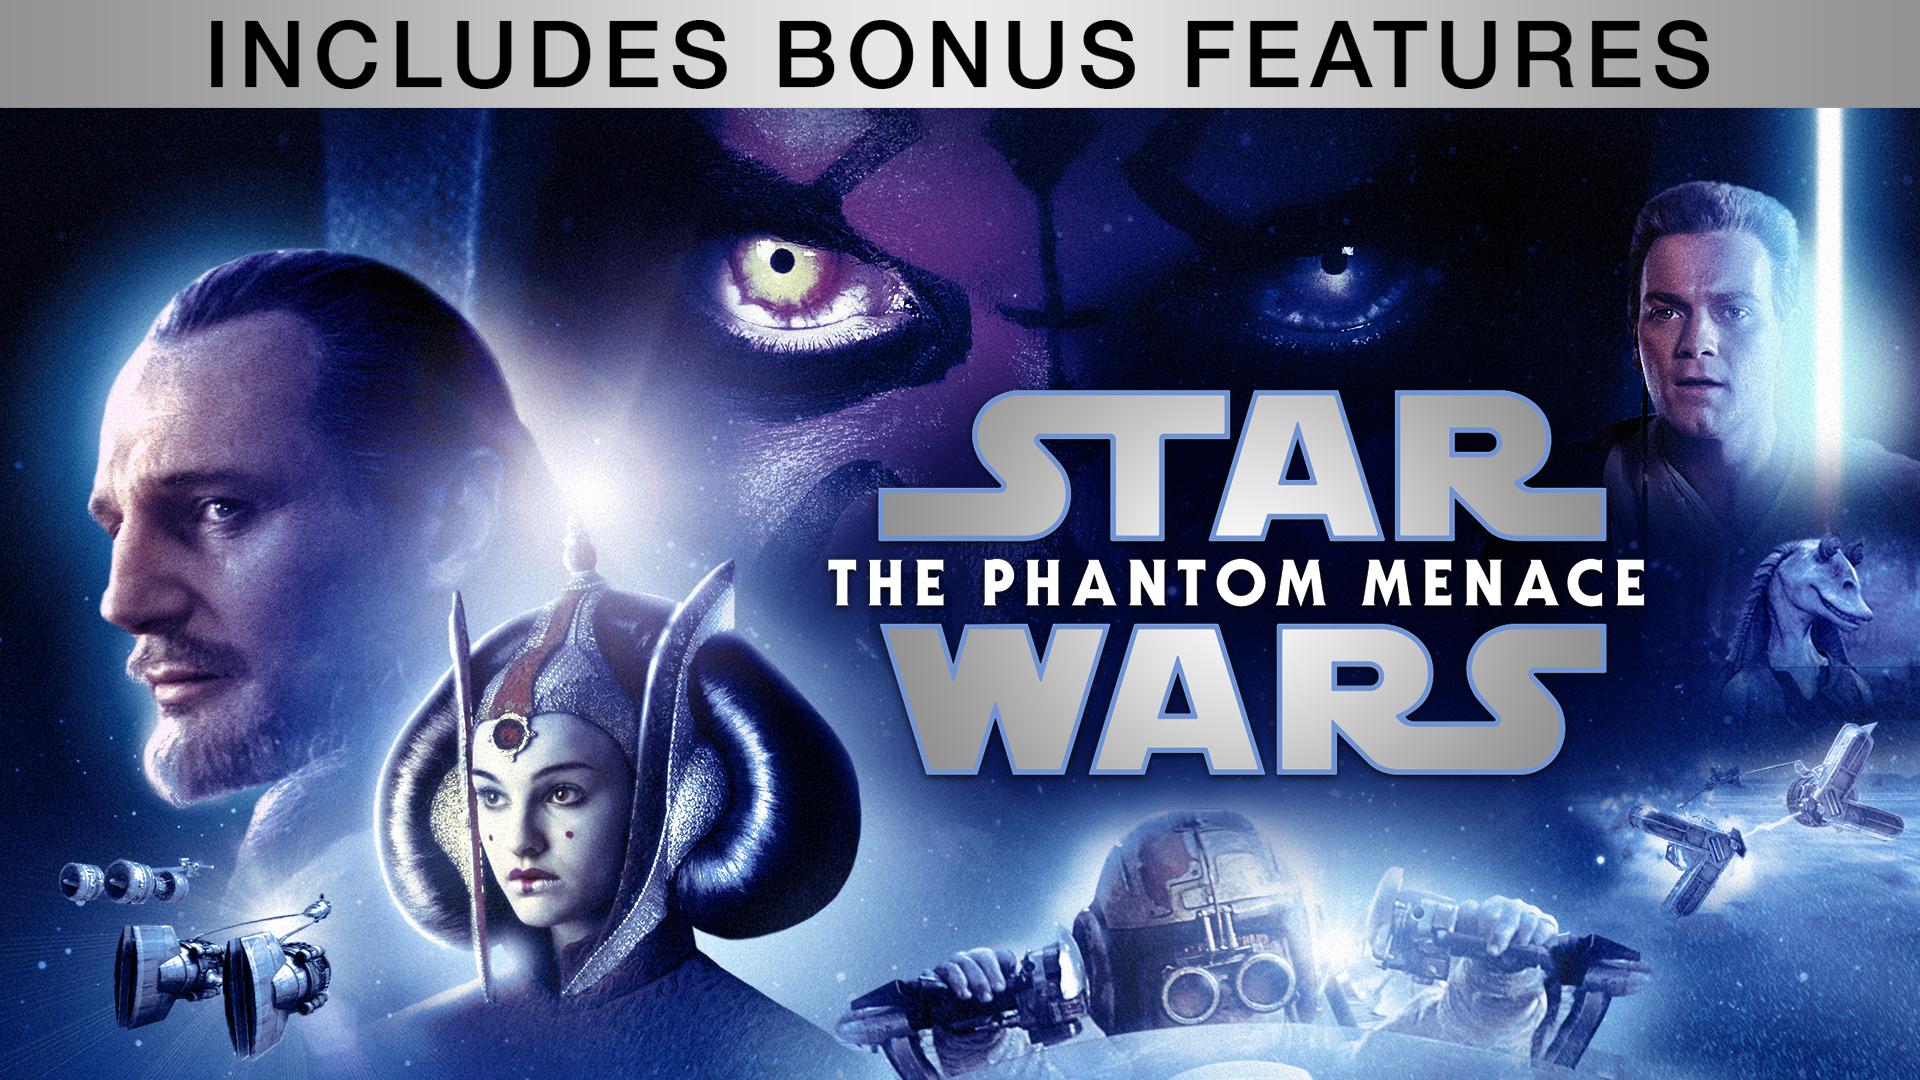 Star Wars: The Phantom Menace (Plus Bonus Content)